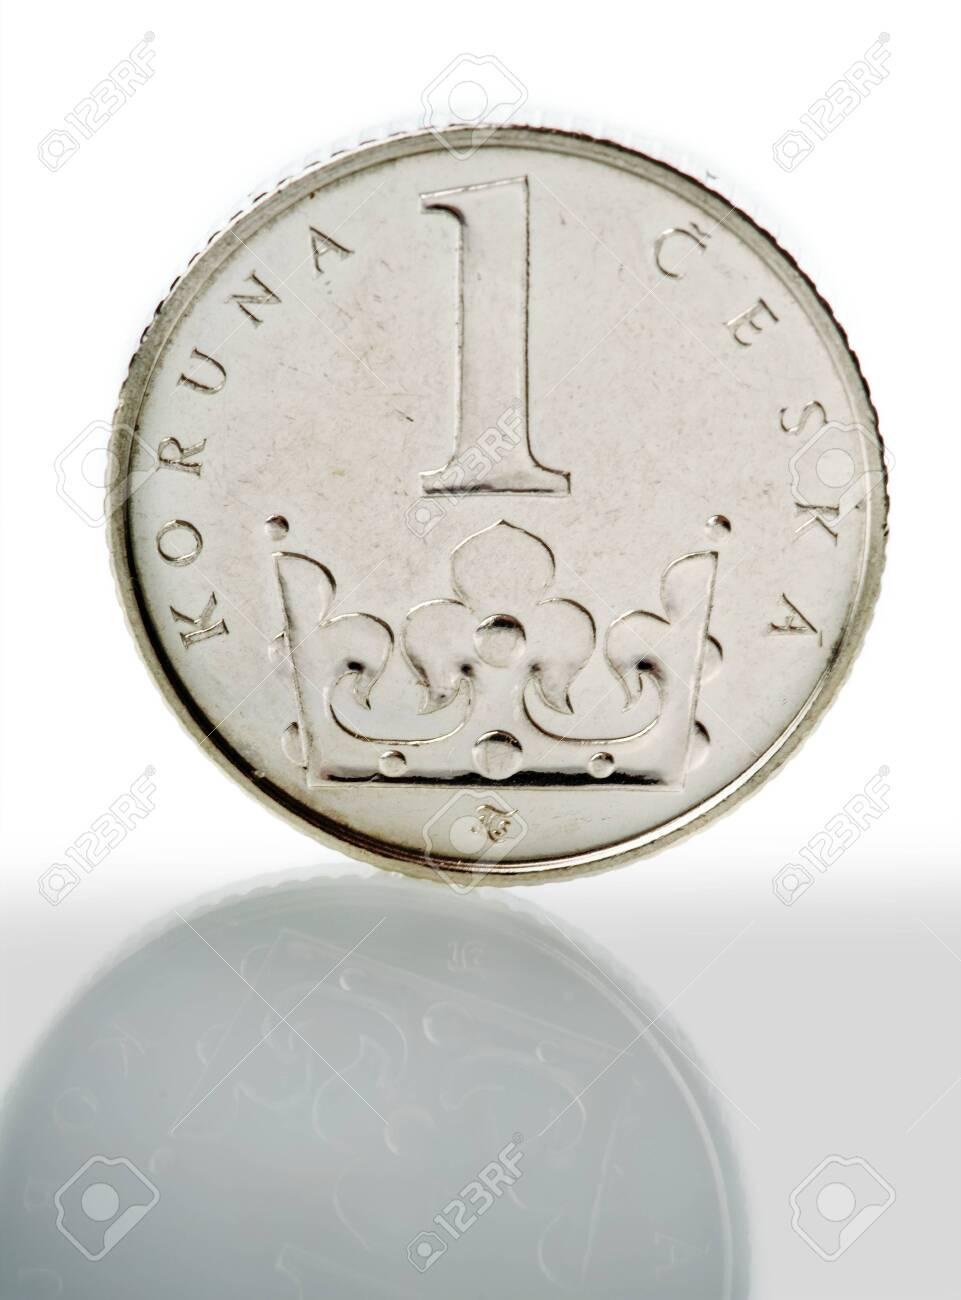 coins of czech currency - Czech Koruna - europe money - 143423681